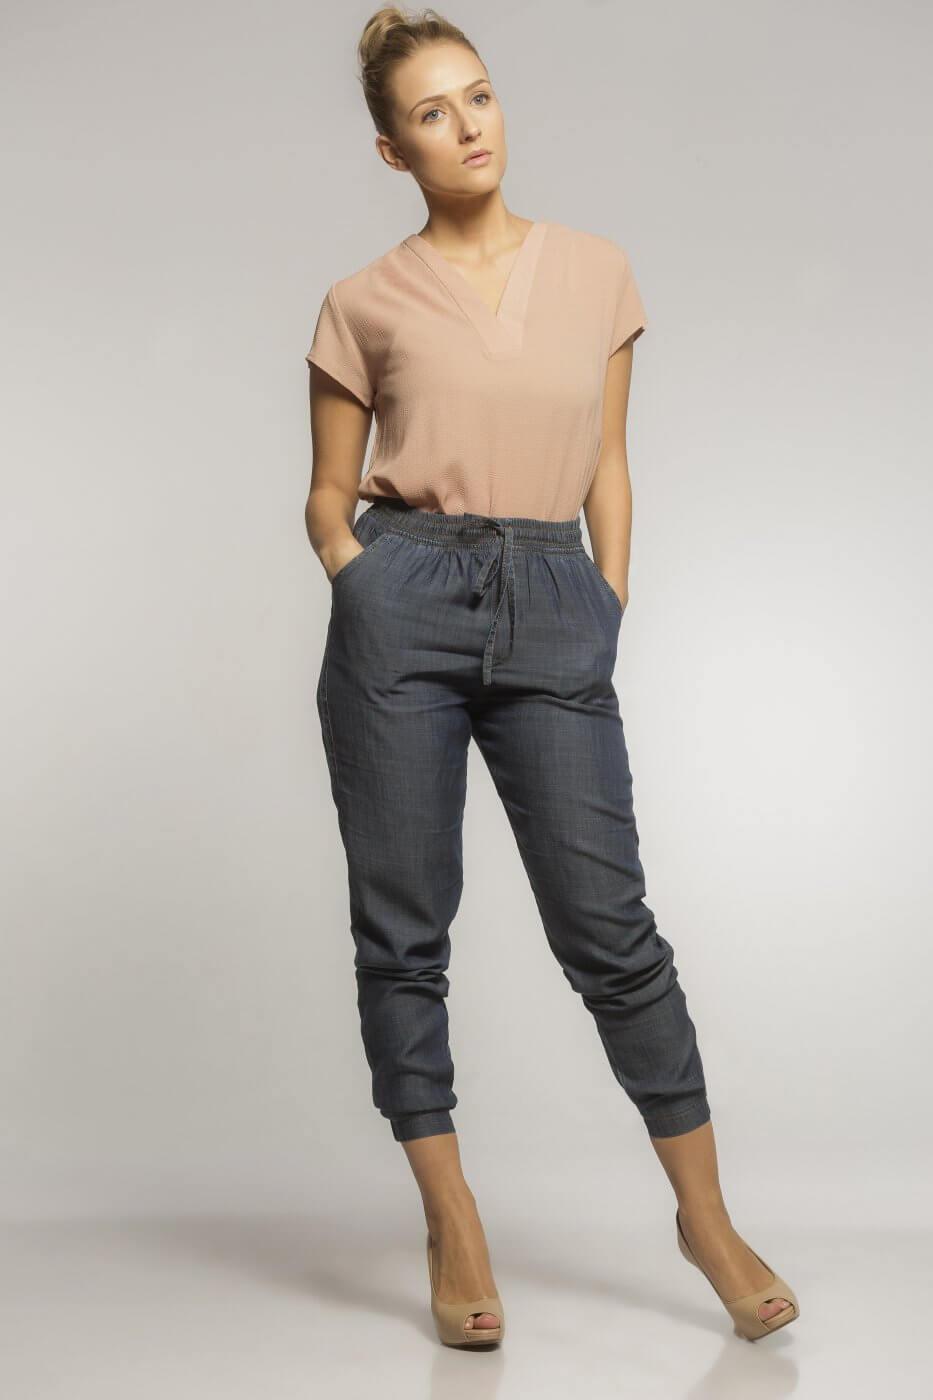 Blusa Social Feminina Decote Gola V Blooms Crepe Rosé